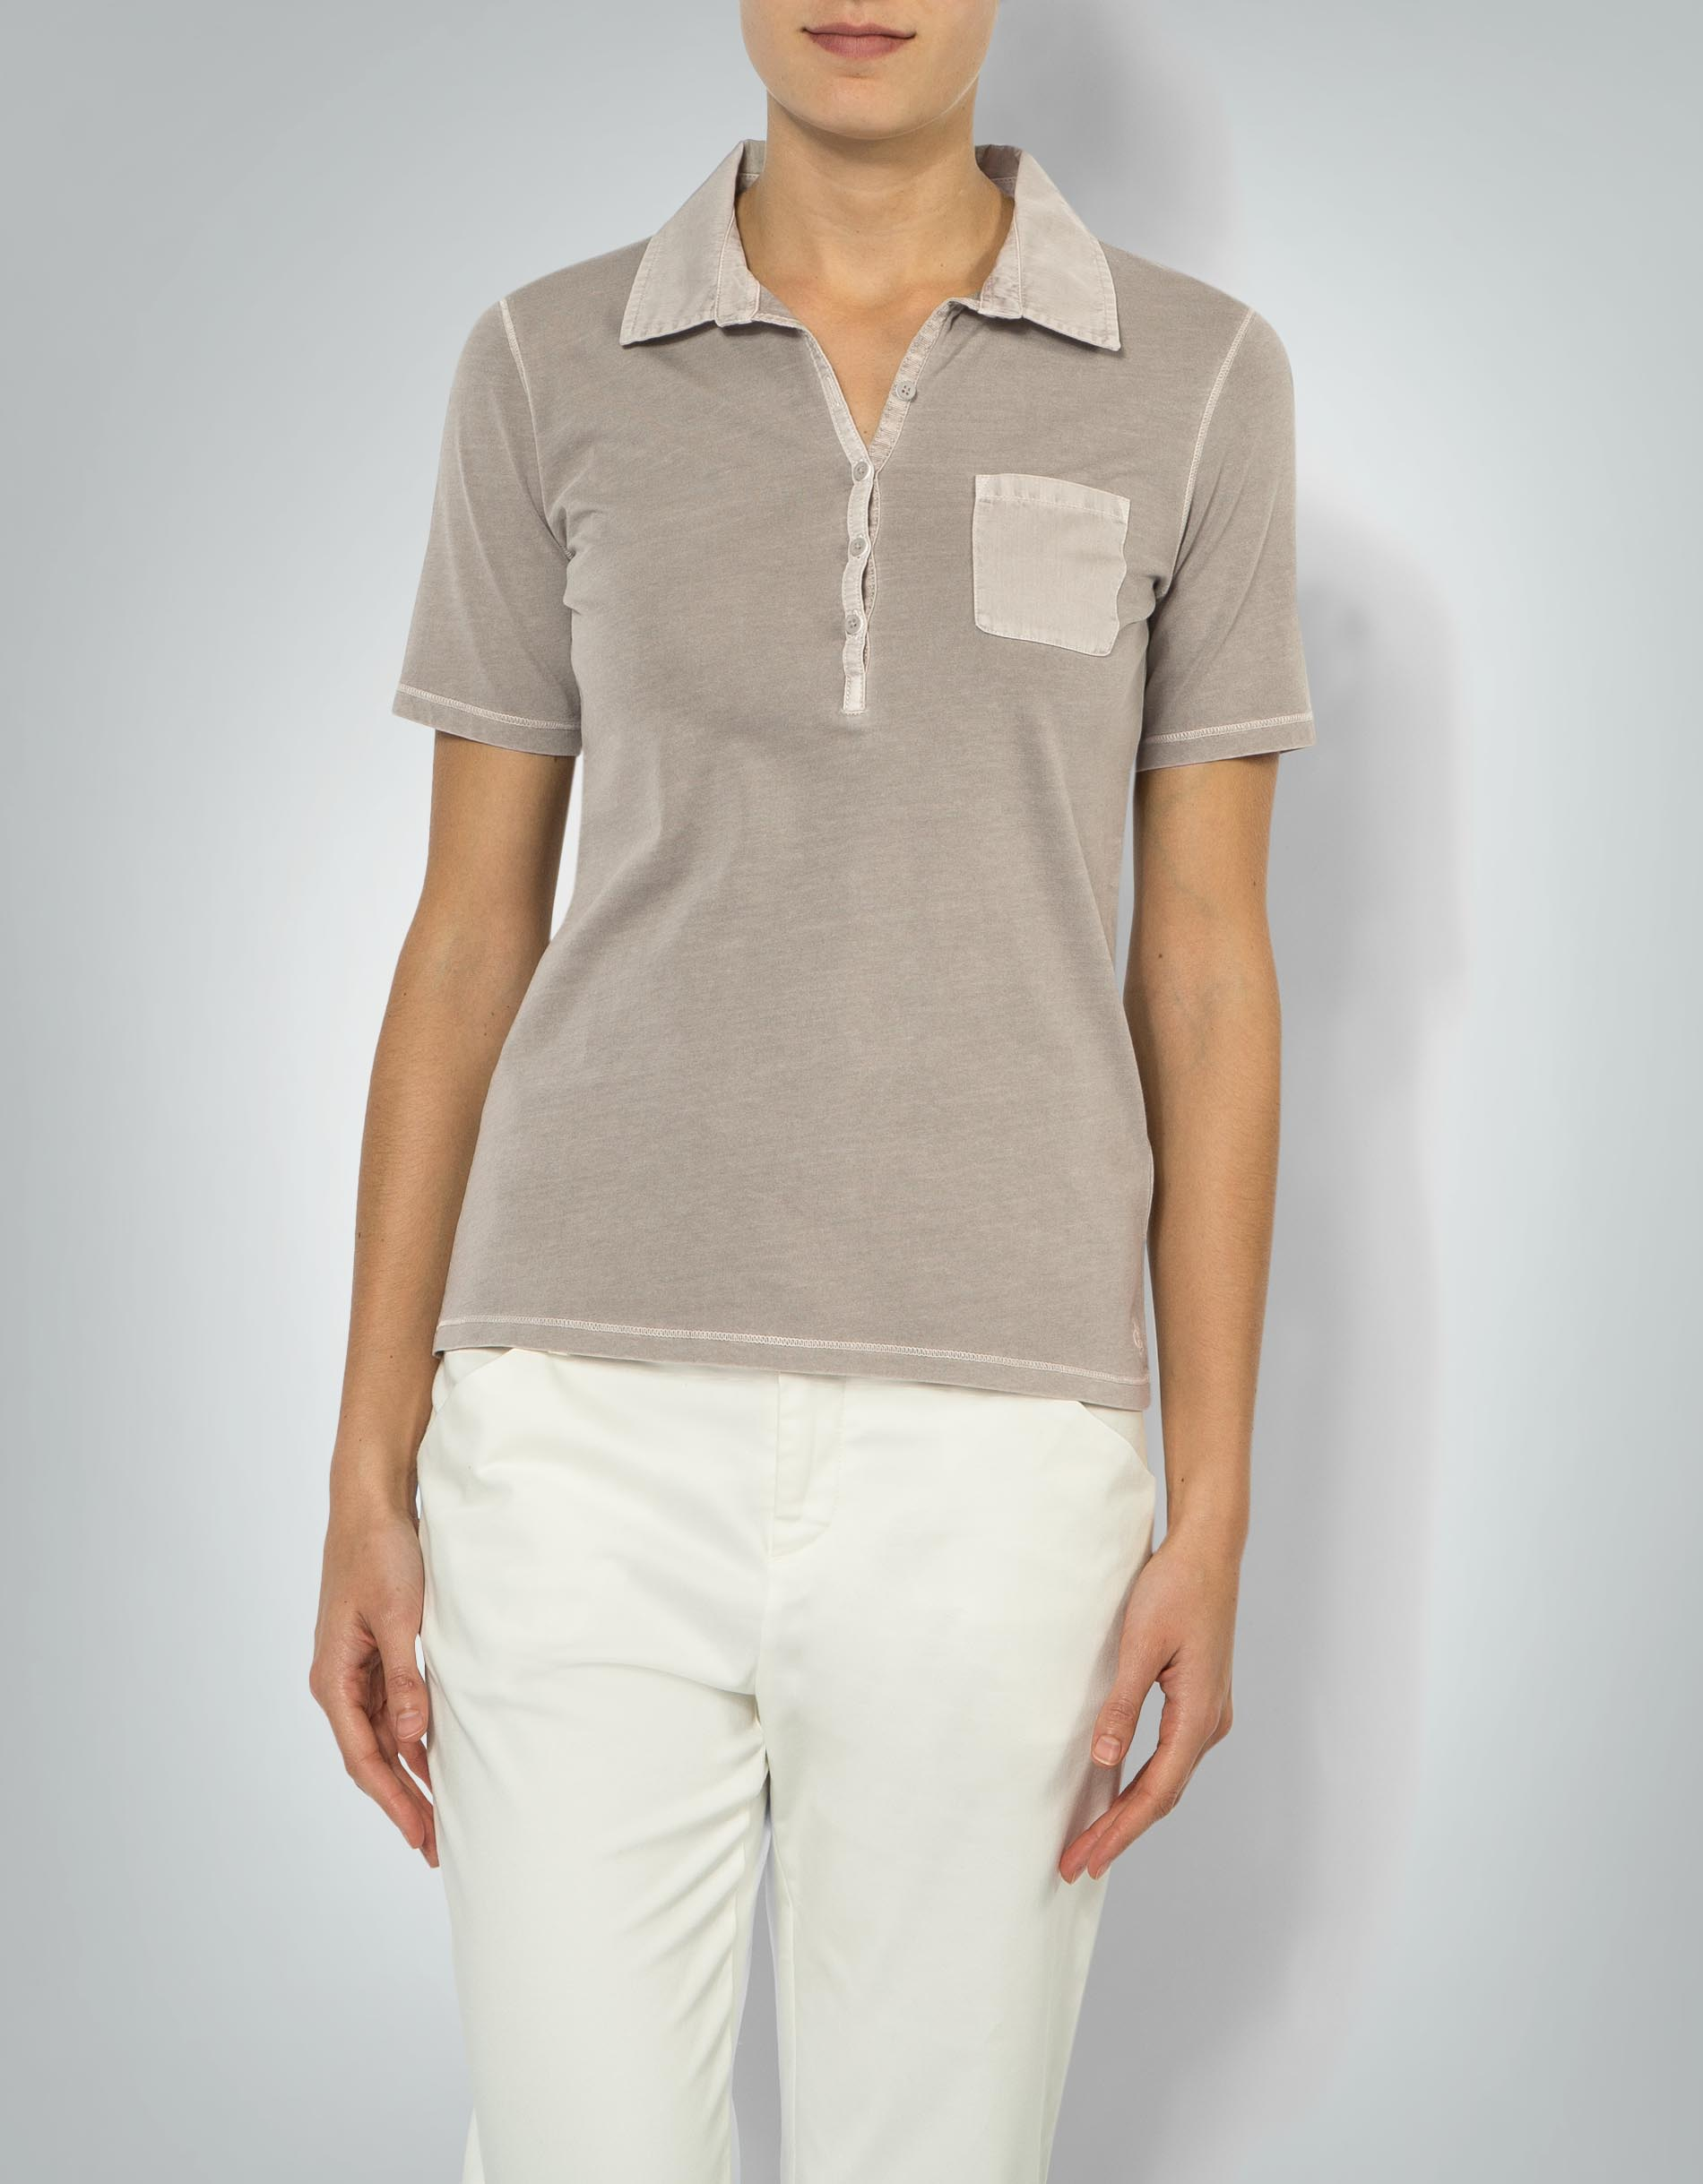 Von Deinen Look Shirt Marc Vintage Im Polo O'polo Damen Empfohlen qfwzp8R